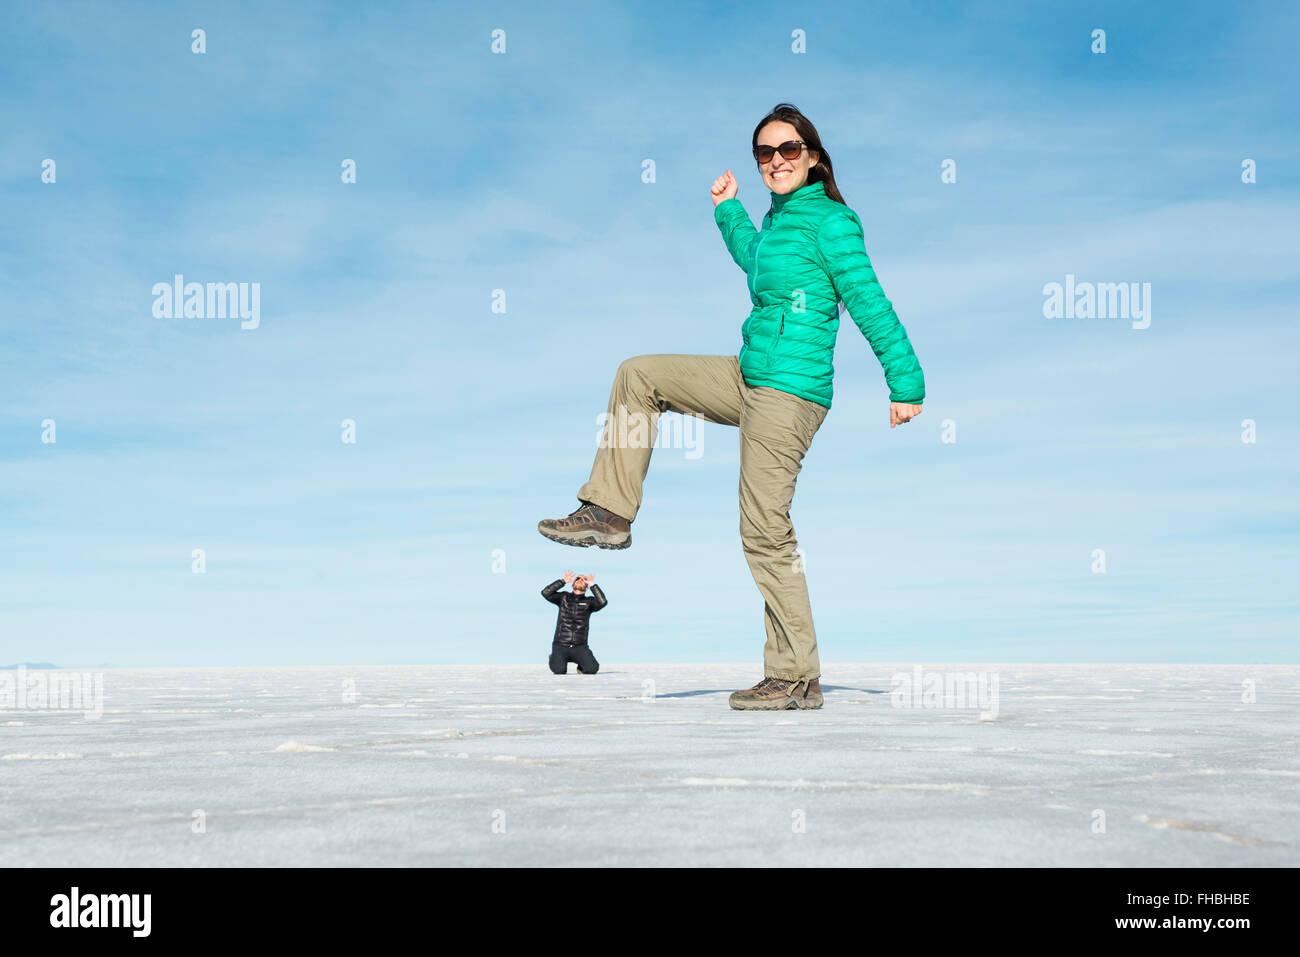 Bolivia, el Salar de Uyuni, mujer pateando pequeño hombre, ilusión visual Imagen De Stock